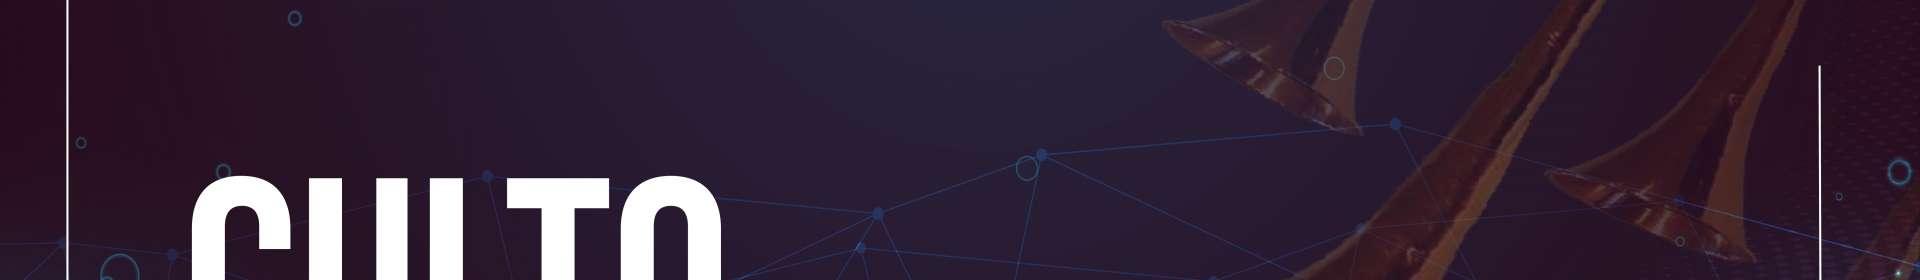 Culto via satélite exibido em 21/01/2020